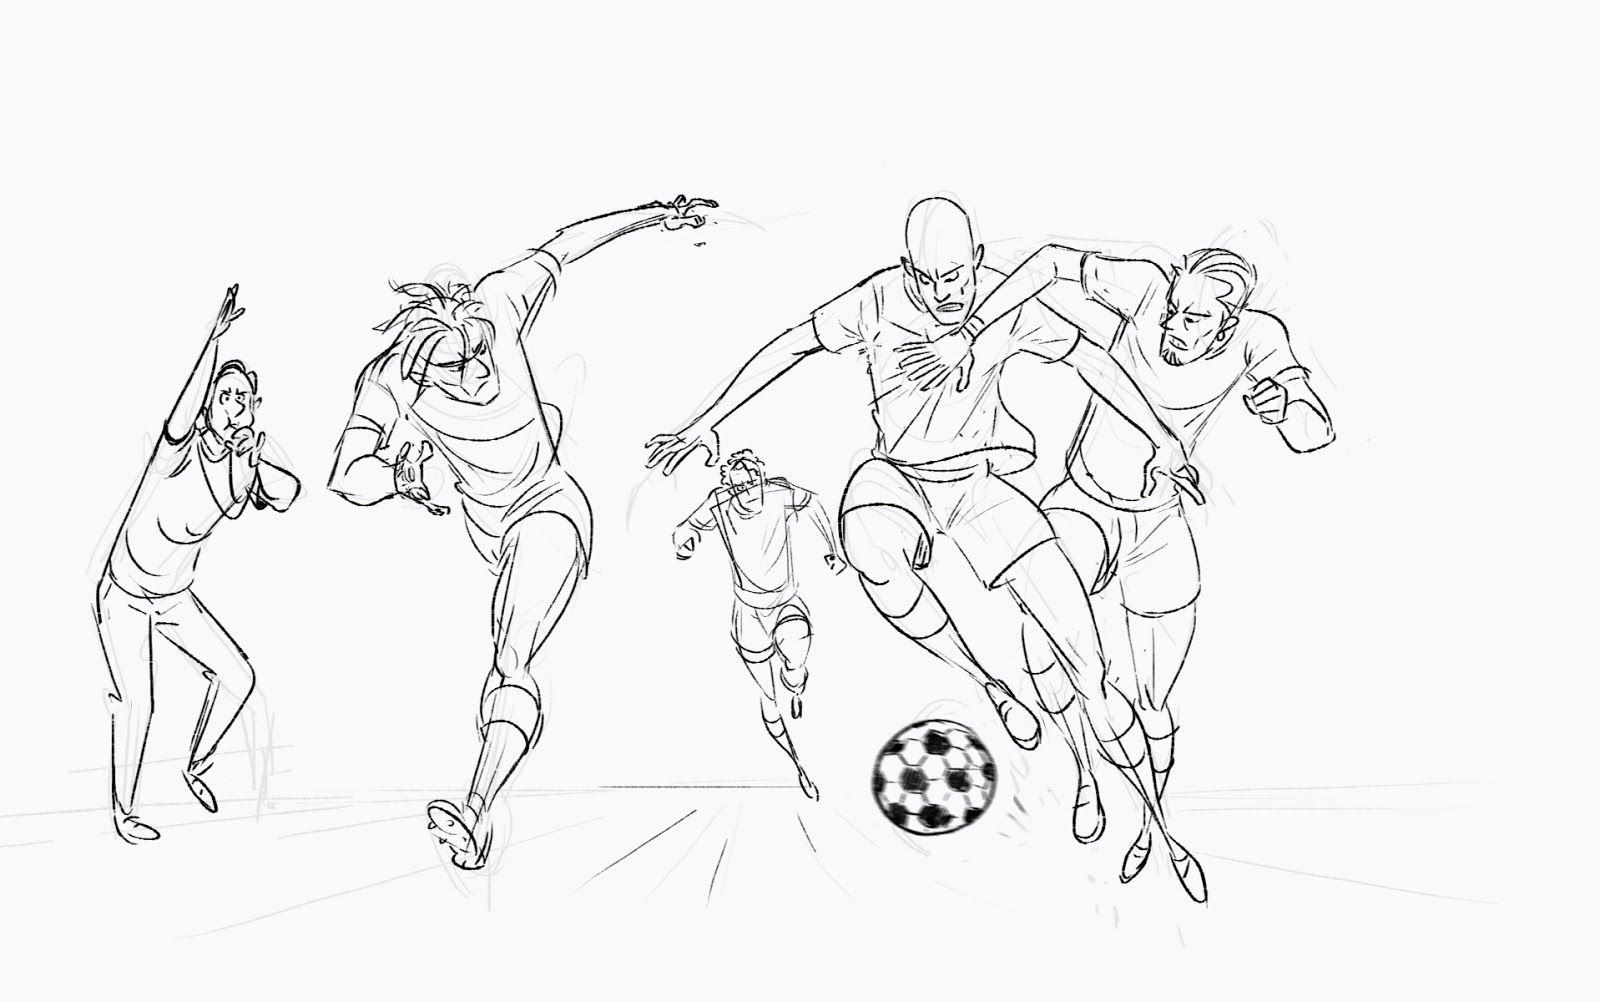 Http 2 Bp Blogspot Com Ugszmfwmei Ur Kbsot7ei Aaaaaaaaay4 0jjq9bn5pte S1600 Football 2 Jpg Sketches Drawings Character Design